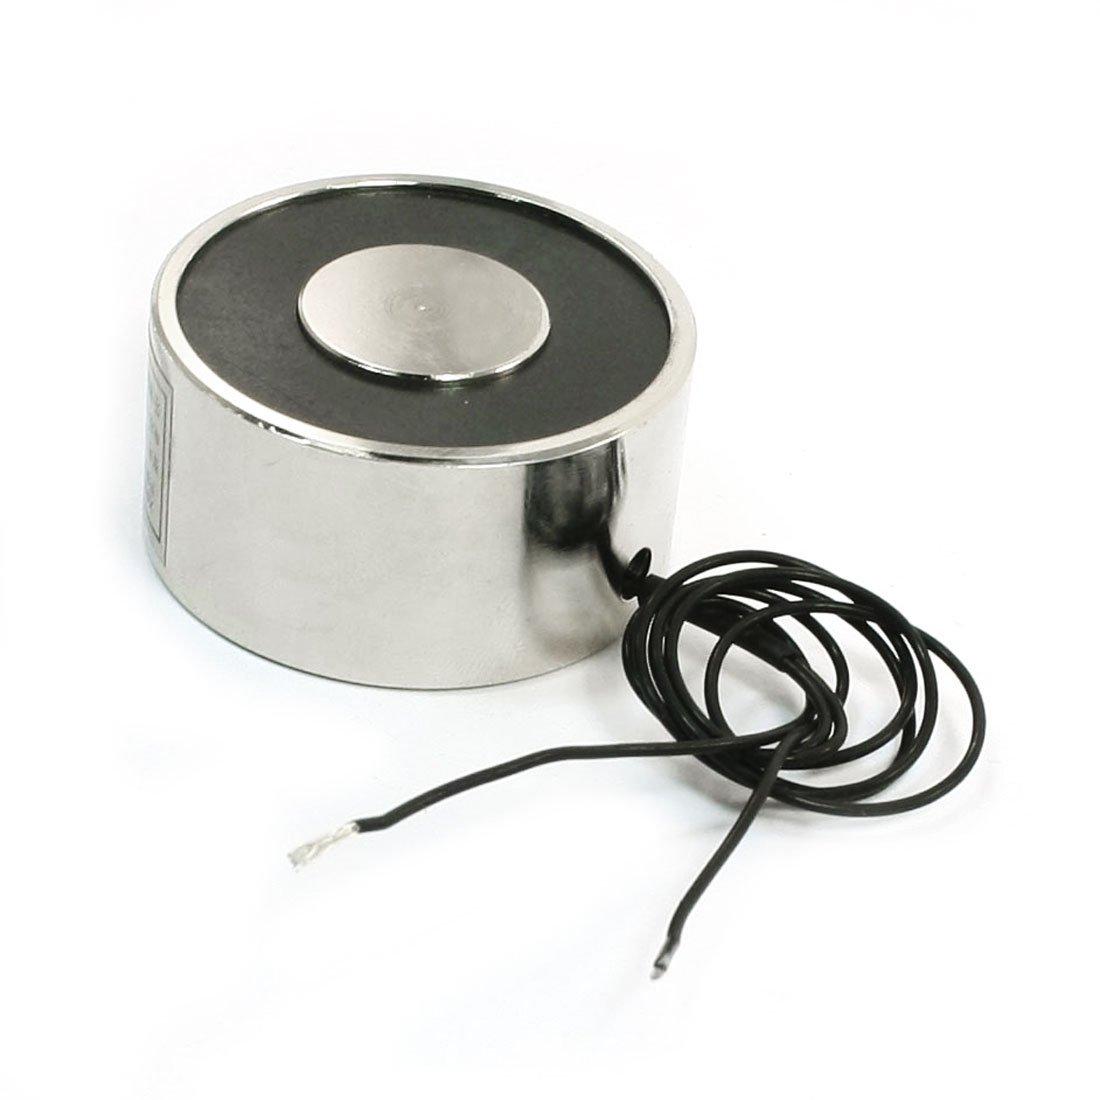 Uxcell Force Lifting Magnet Electromagnet Solenoid, 24V DC, 40 mm, 55 lb./25 kg